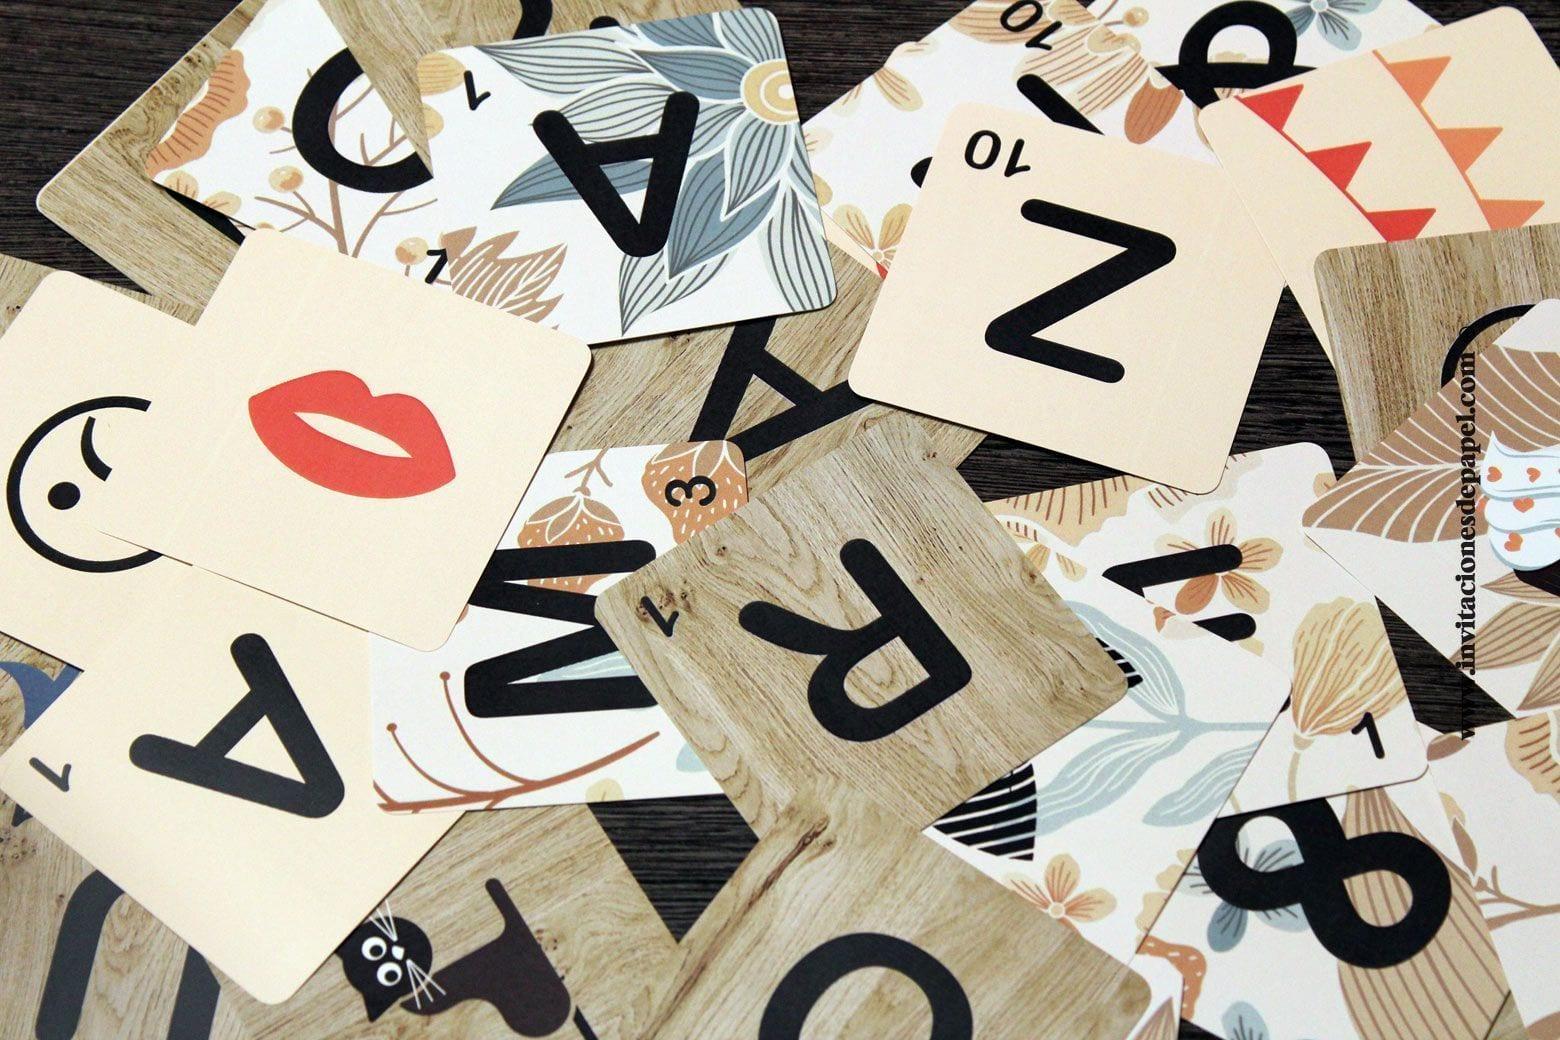 Letras de scrabble para formar frases y nombres for Letras scrabble decoracion